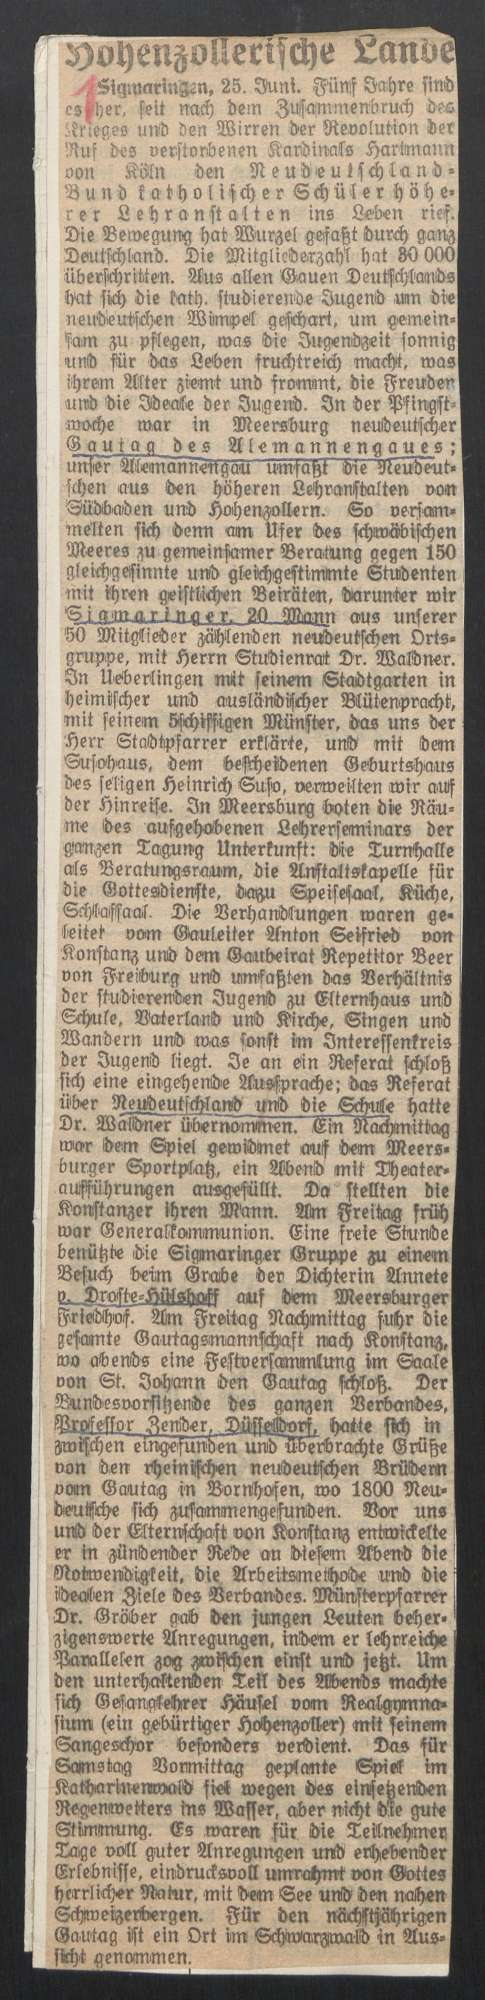 Jugendverein Neu-Deutschland (1921 - 1932), Bild 3